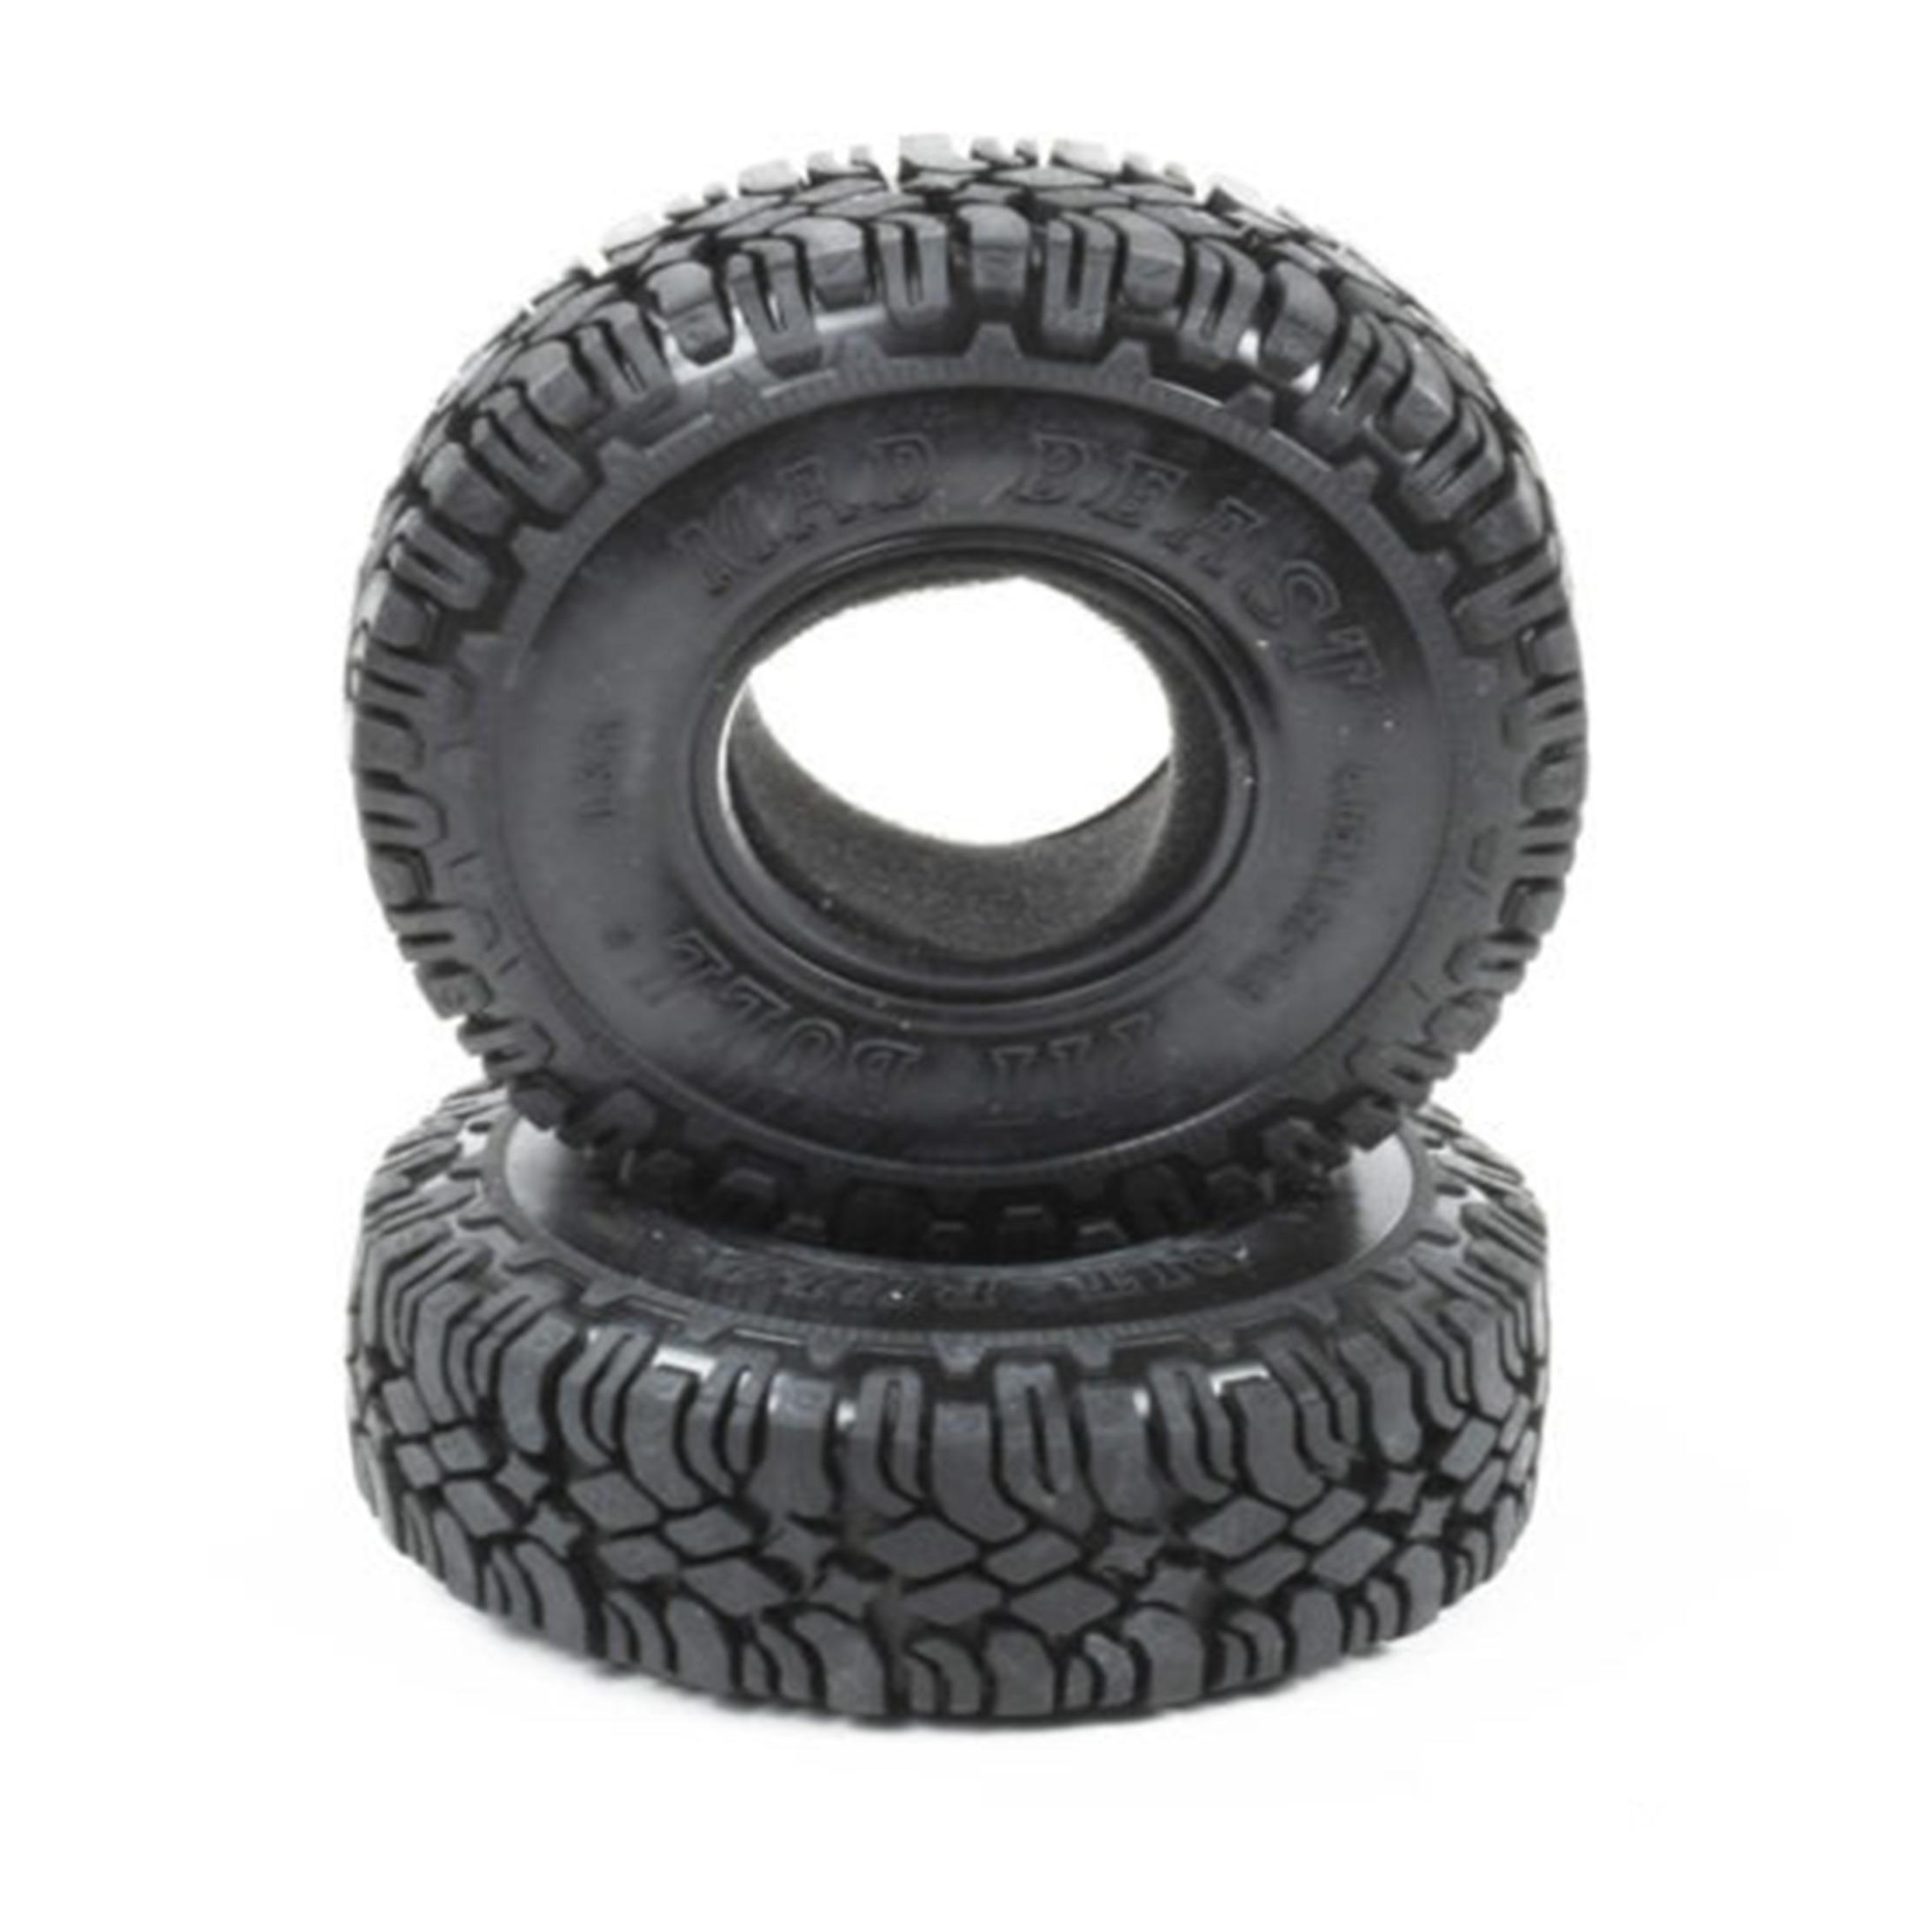 Neumáticos PitBull Mad Beast 1.9 a escala con incrustaciones y Foam (2 piezas)